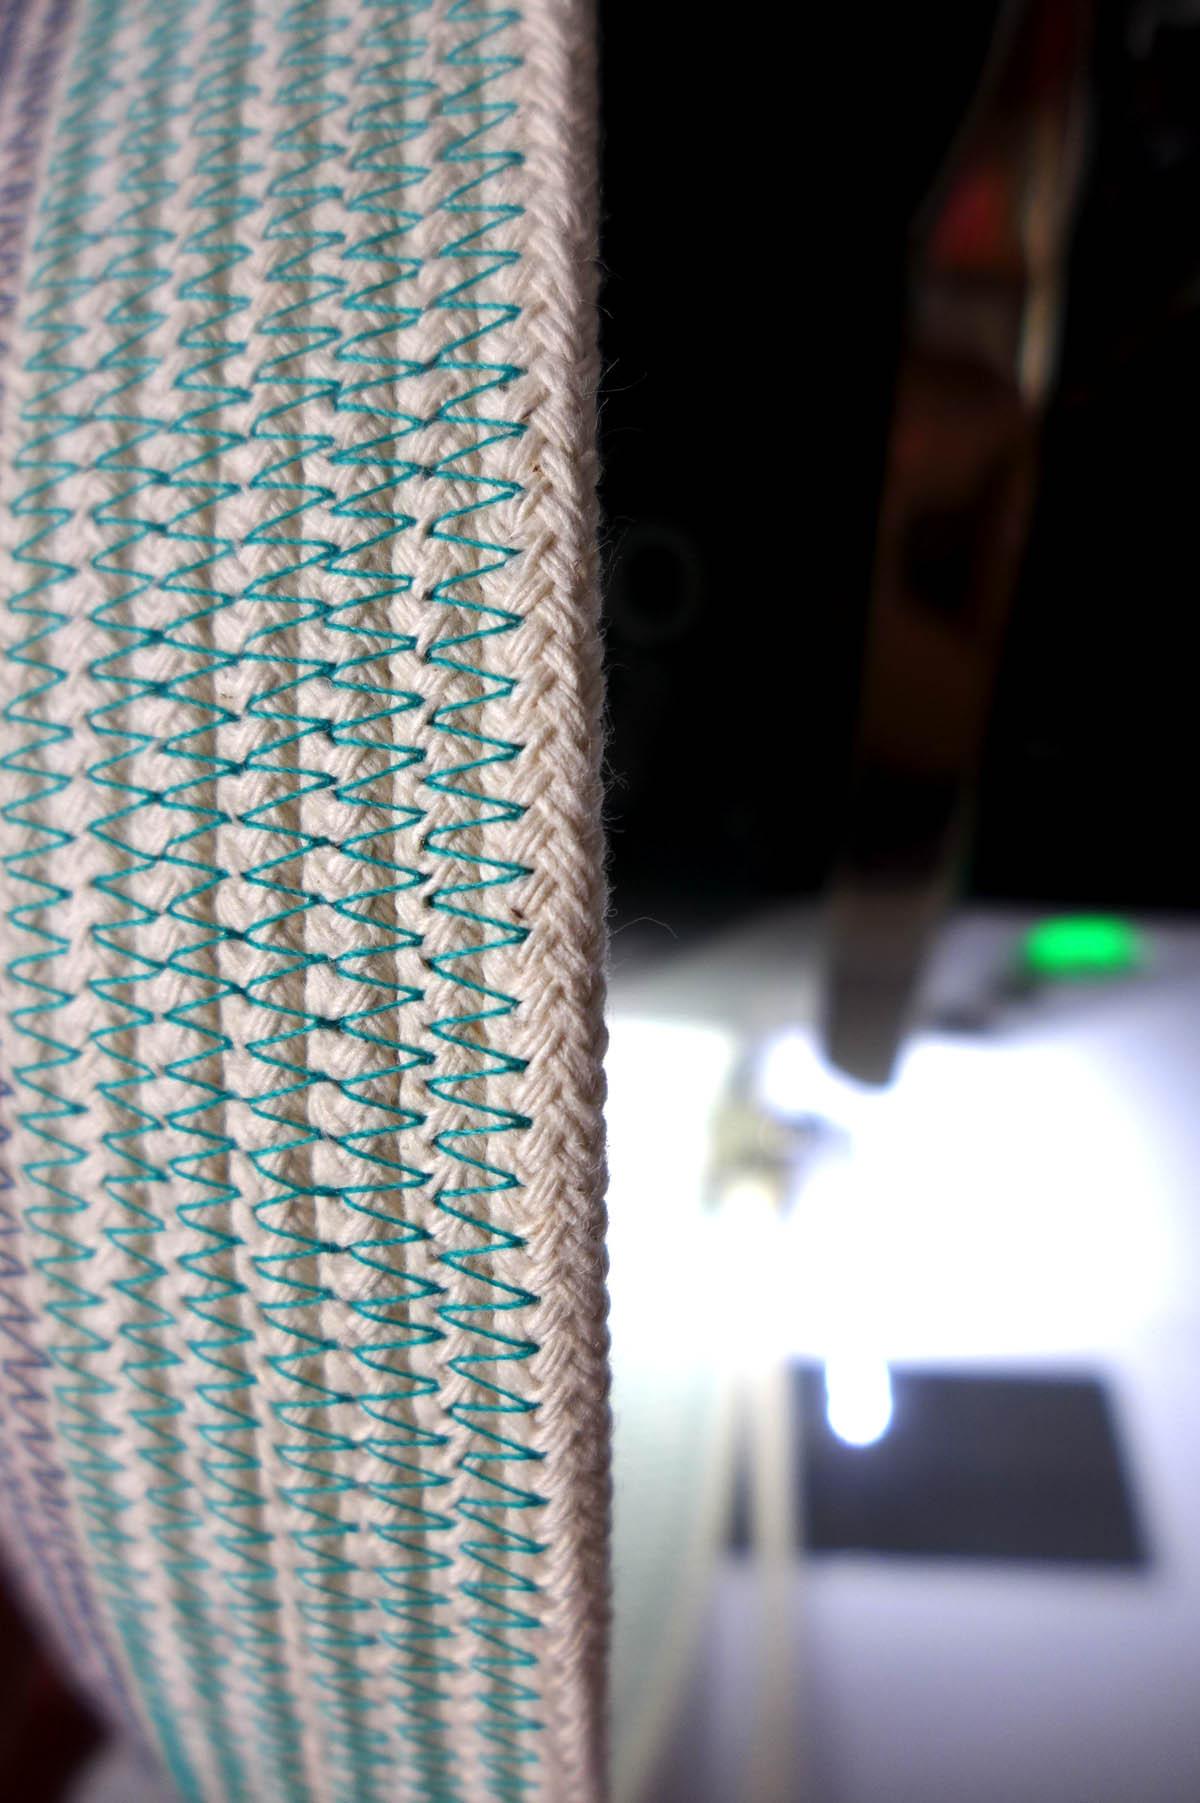 kordelkorb-detailaufnahme-emmyloumakes